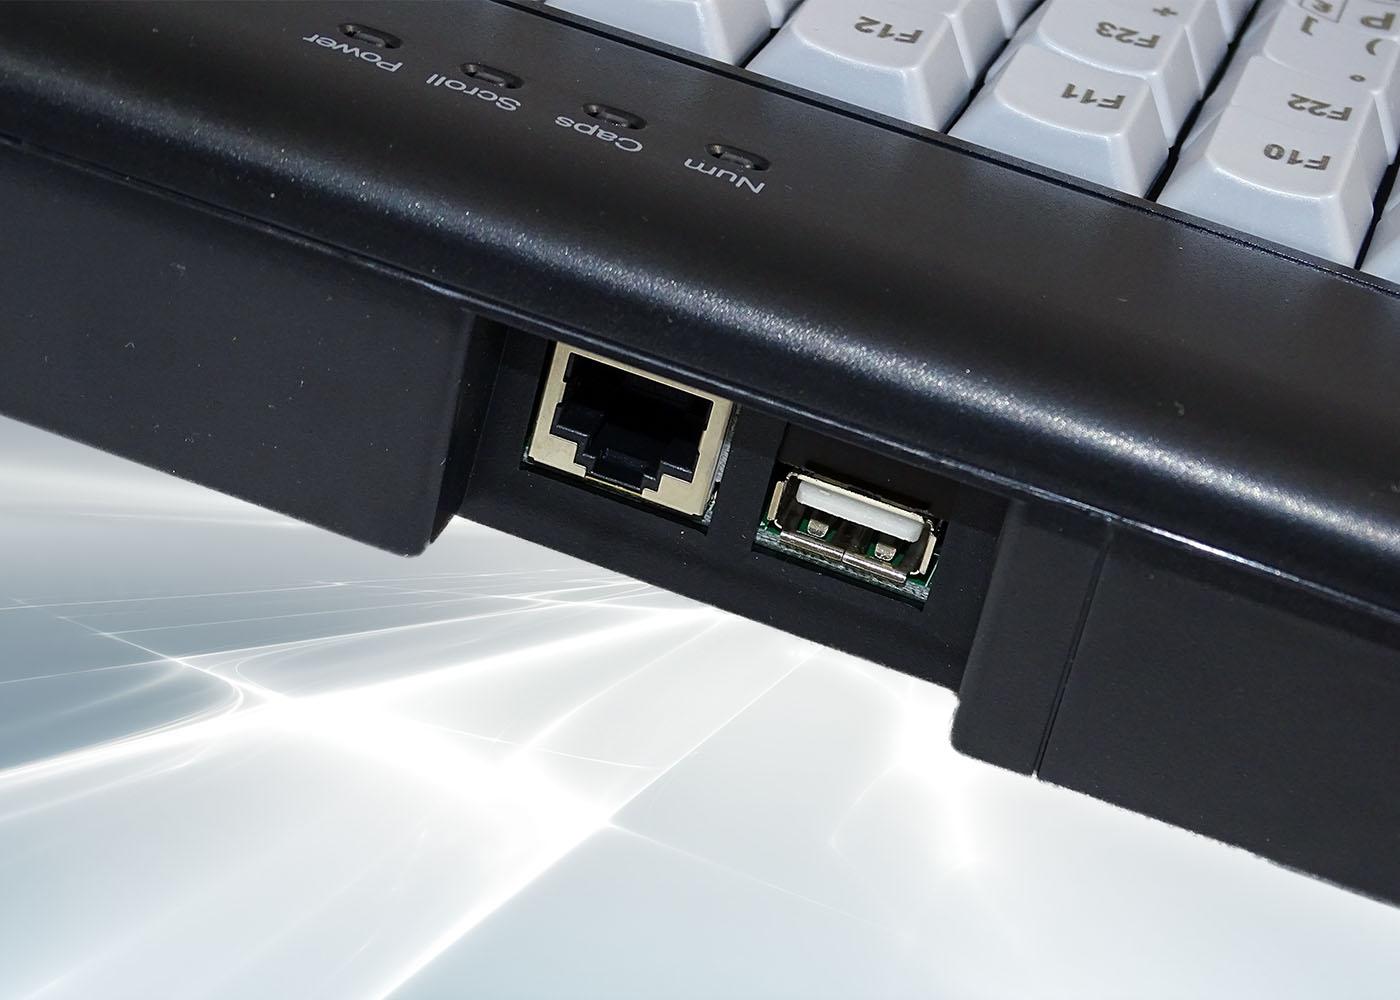 Clavier semi-industriel 112 touches course longue avec hub USB – cordon déconnectable